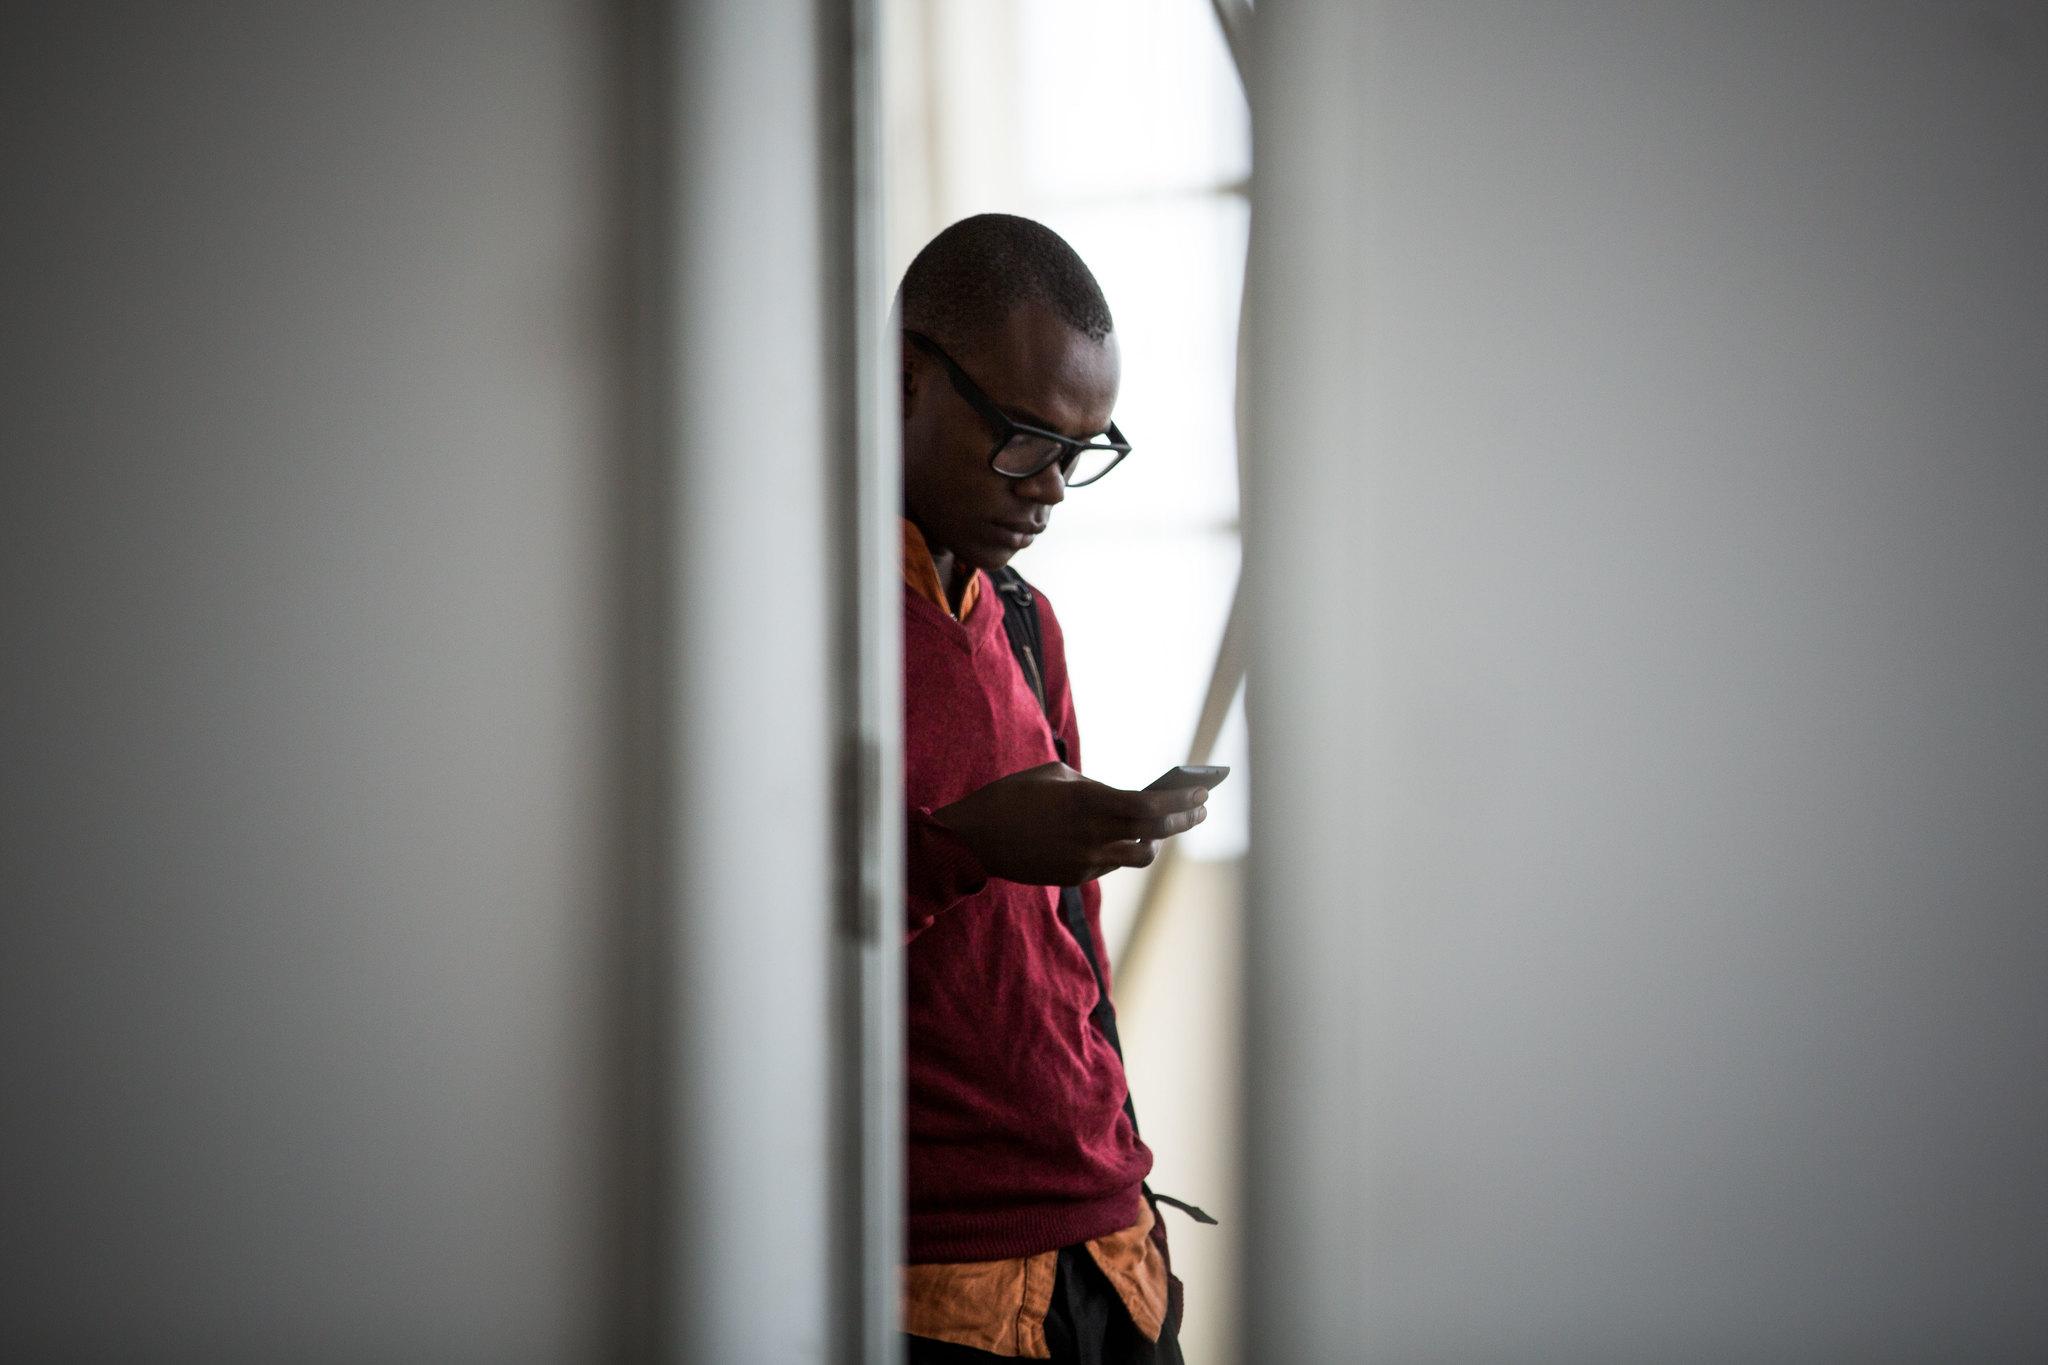 Kansainvälisten yrittäjämessujen osallistuja Kenian pääkaupungissa Nairobissa. Kuva: Stuart Price/MEAACT